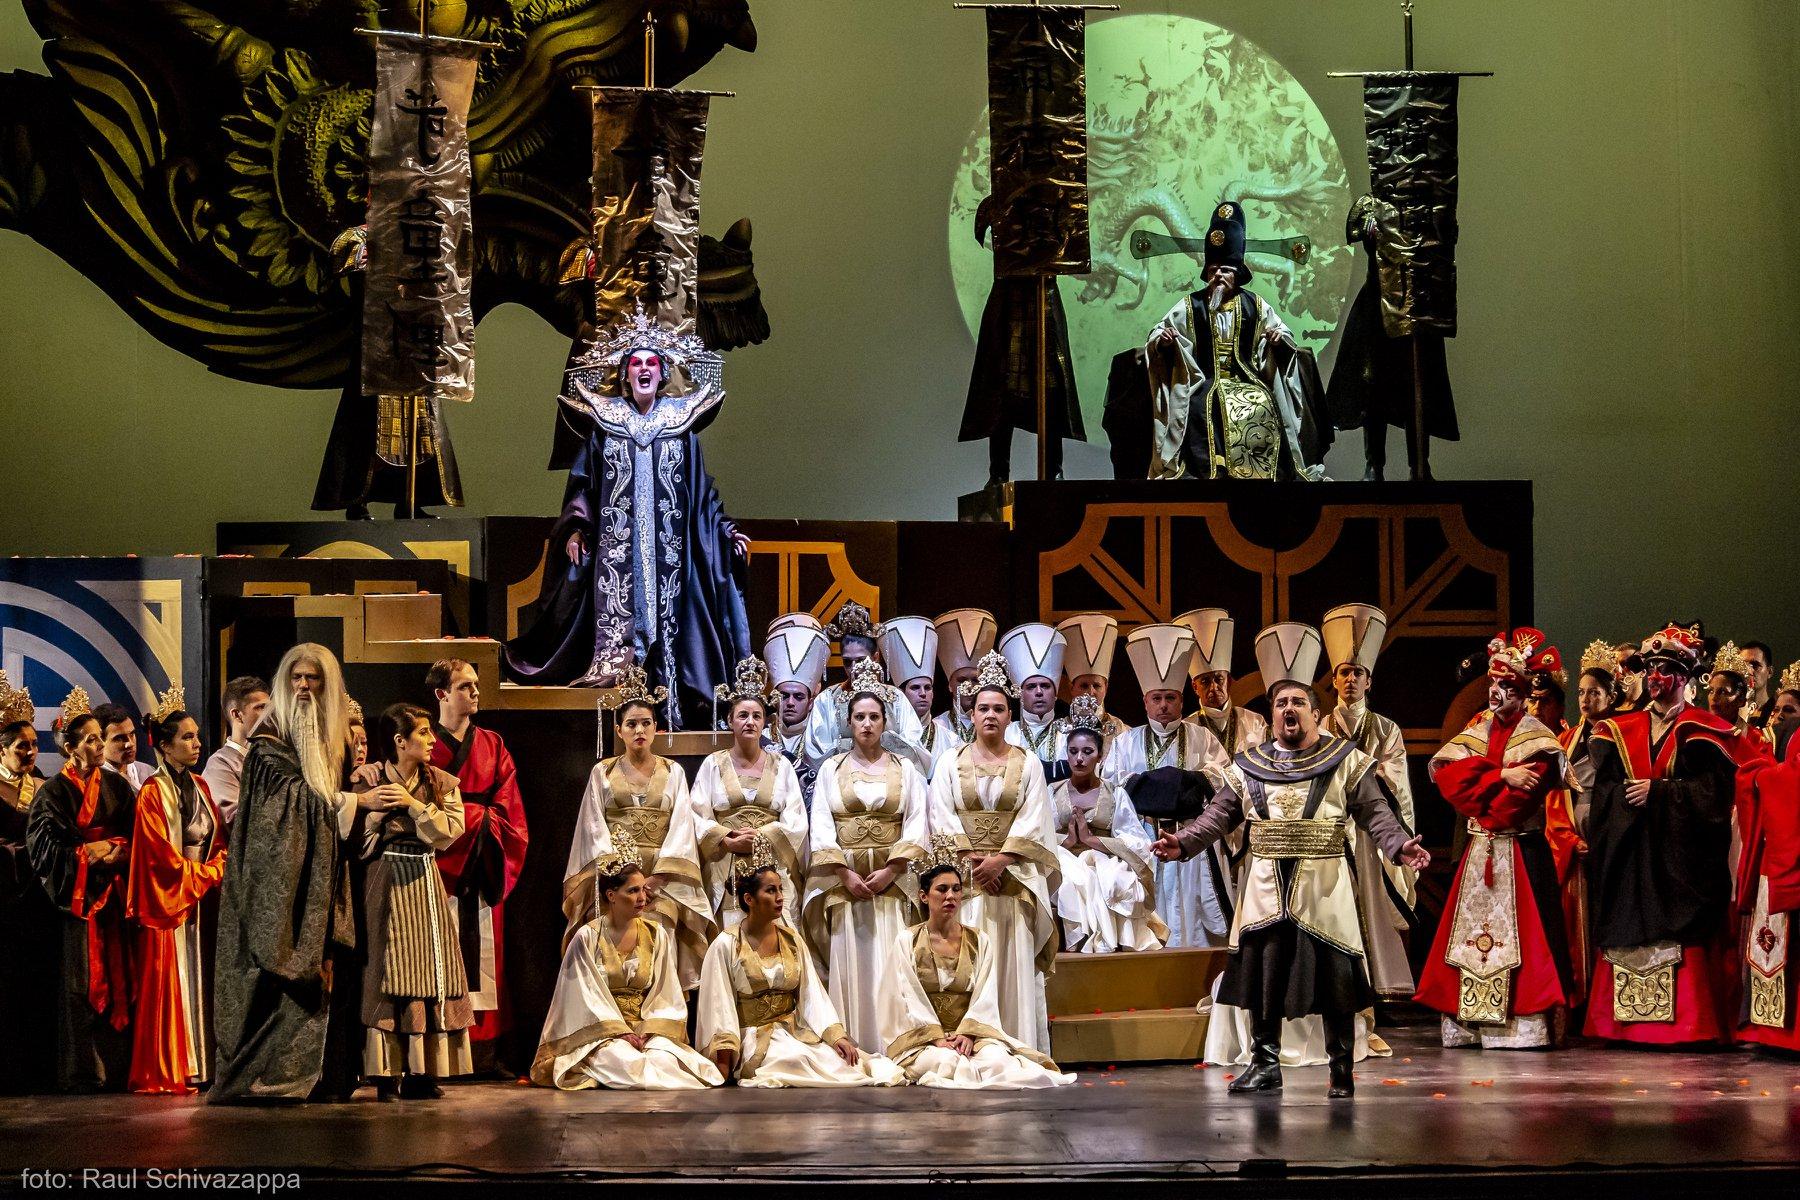 Opera en el teatro El Ciculo Rosario